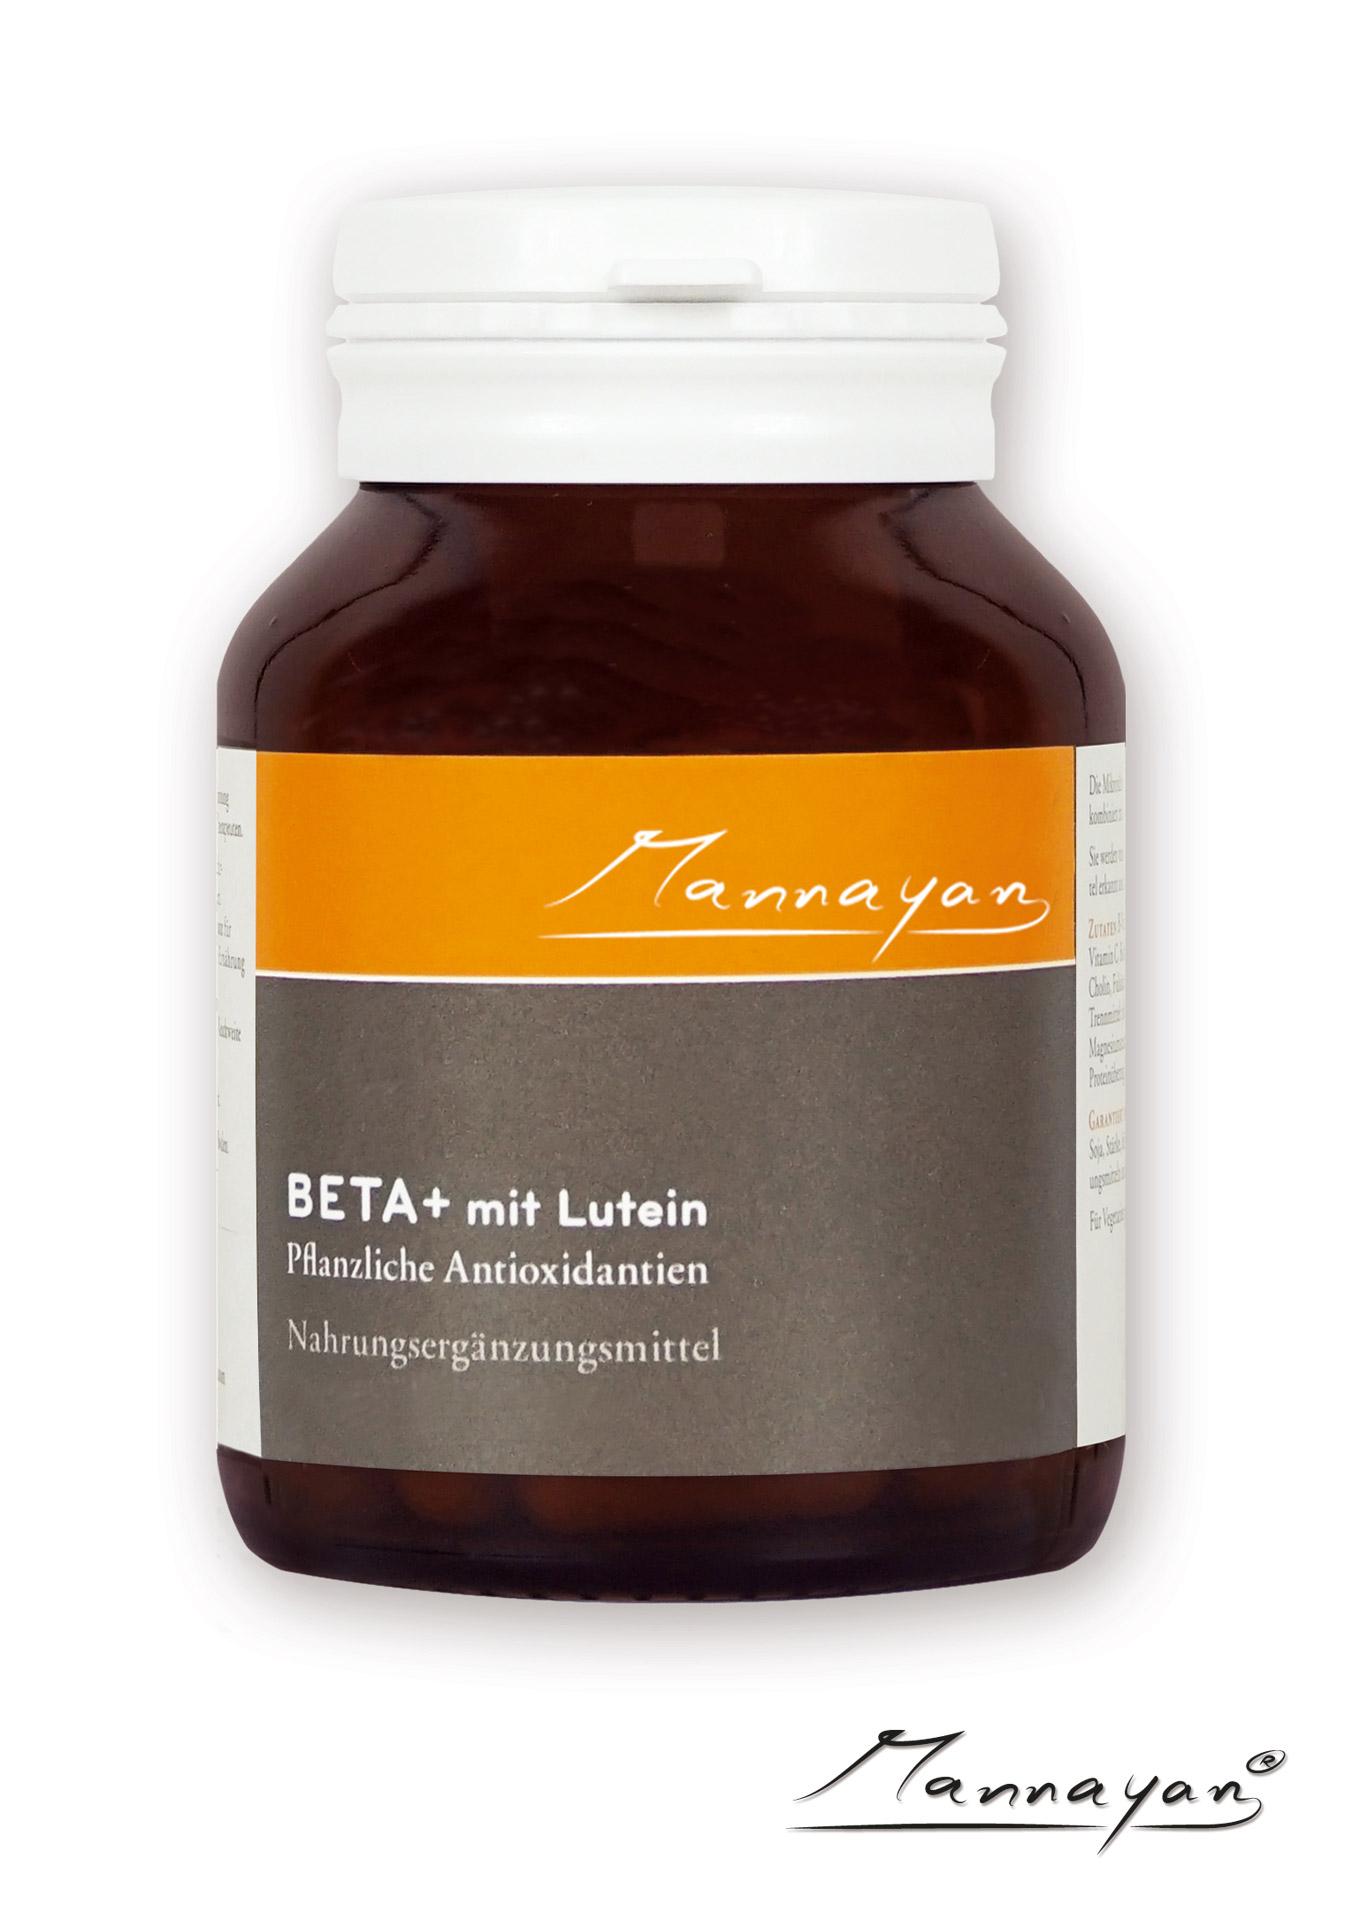 Beta+ mit Lutein von Mannayan